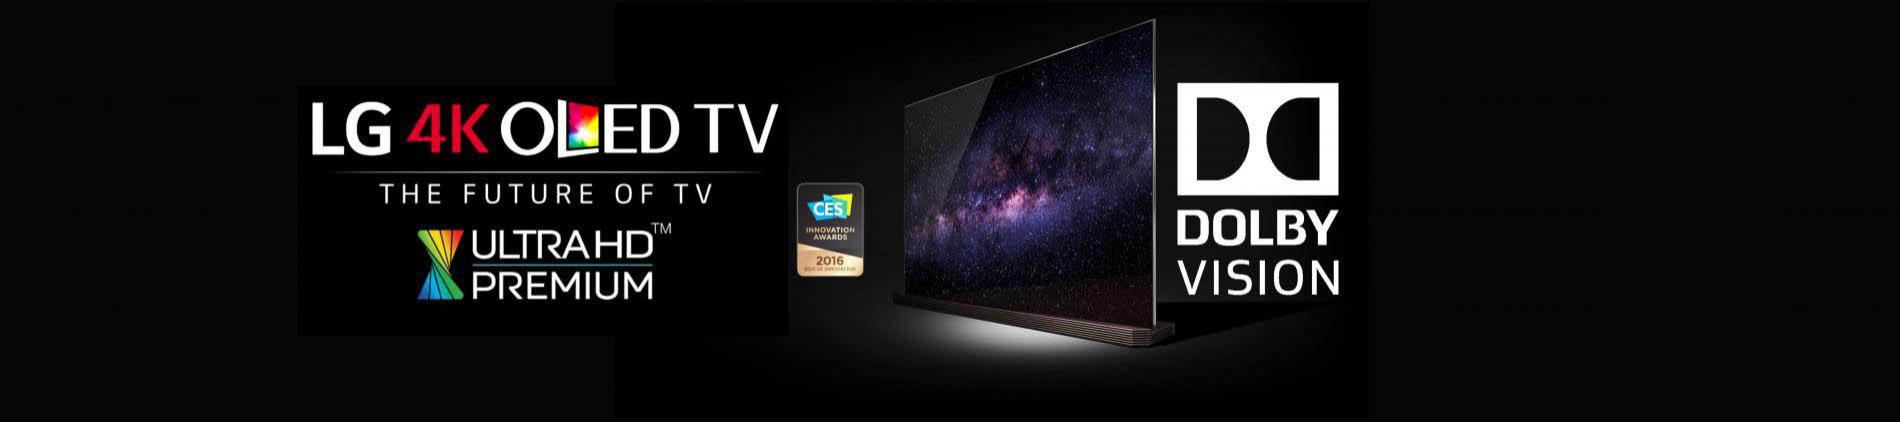 LG 4K OLED TV